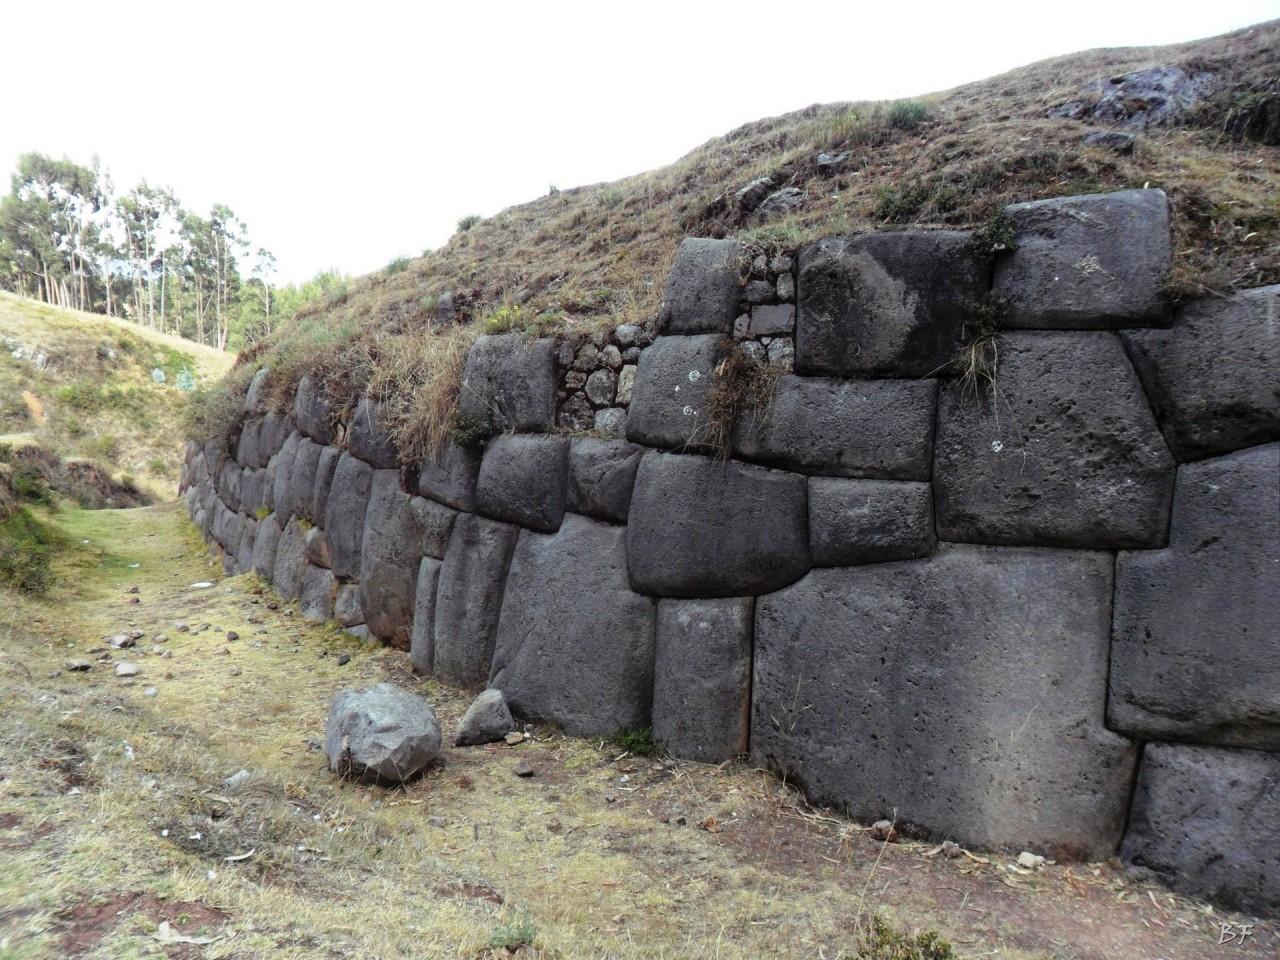 Qenqo-Chico-Altari-Mura-Poligonali-Megaliti-Cusco-Perù-9